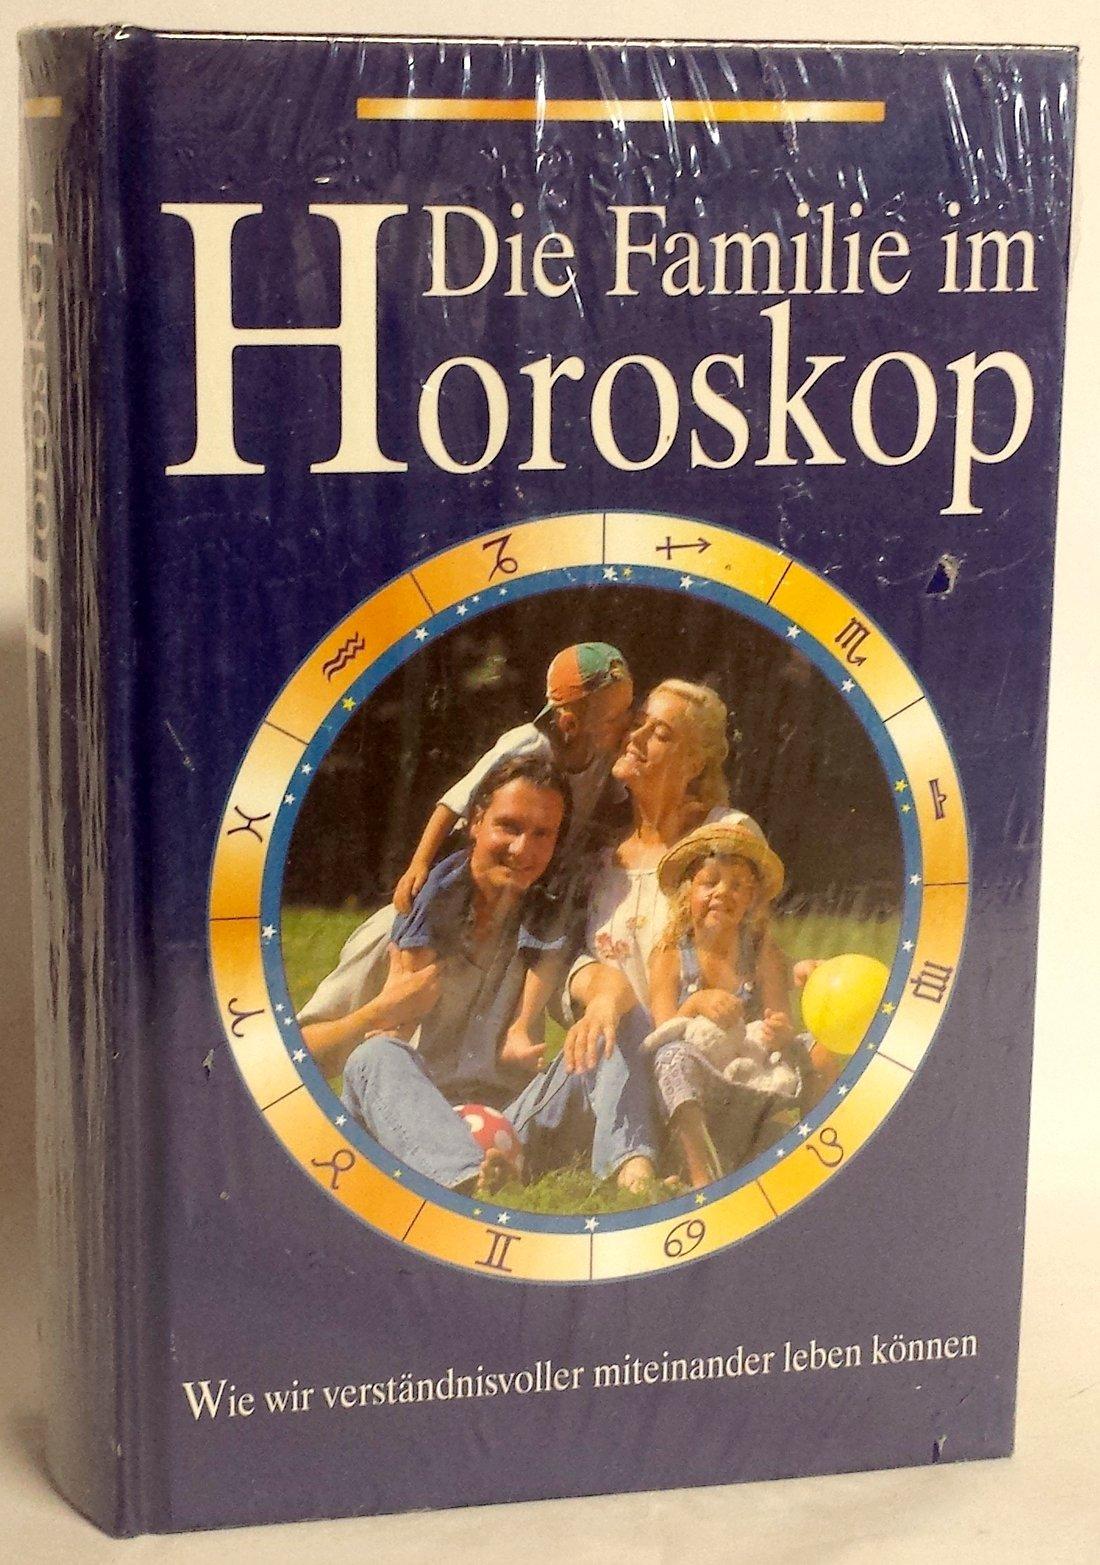 die-familie-im-horoskop-wie-wir-verstndnisvoller-miteinander-leben-knnen